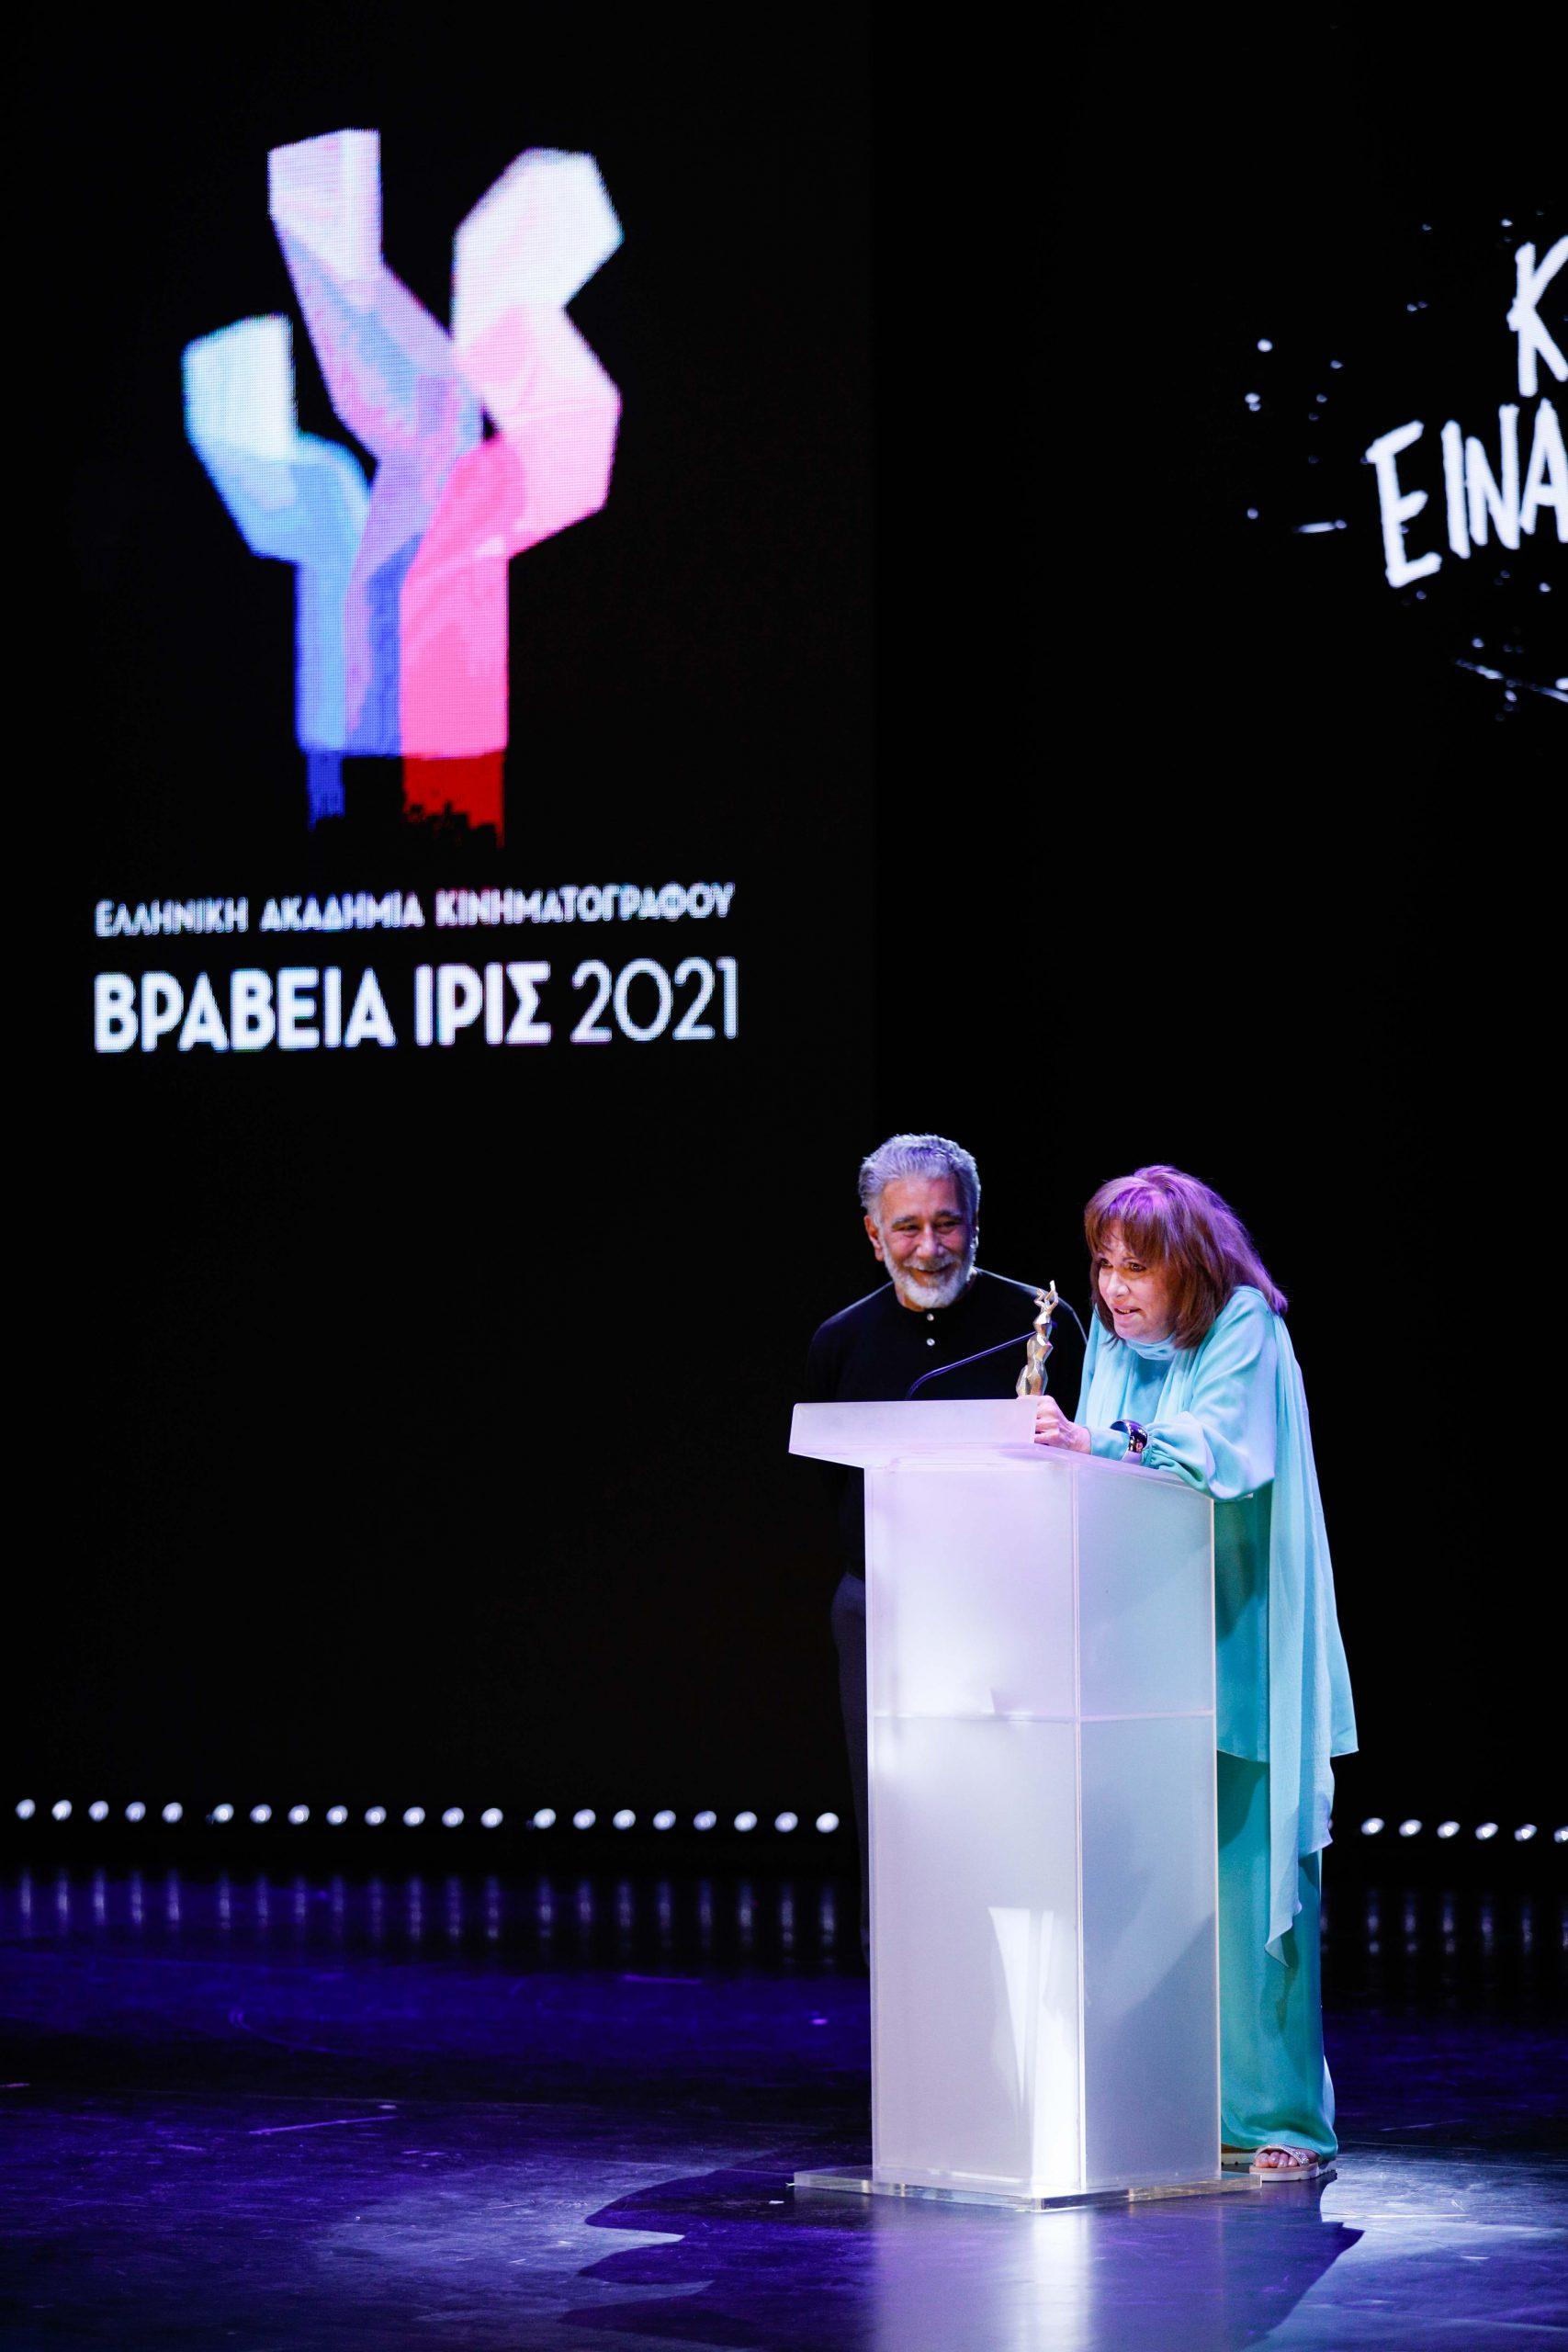 Βραβεία Ίρις 2021